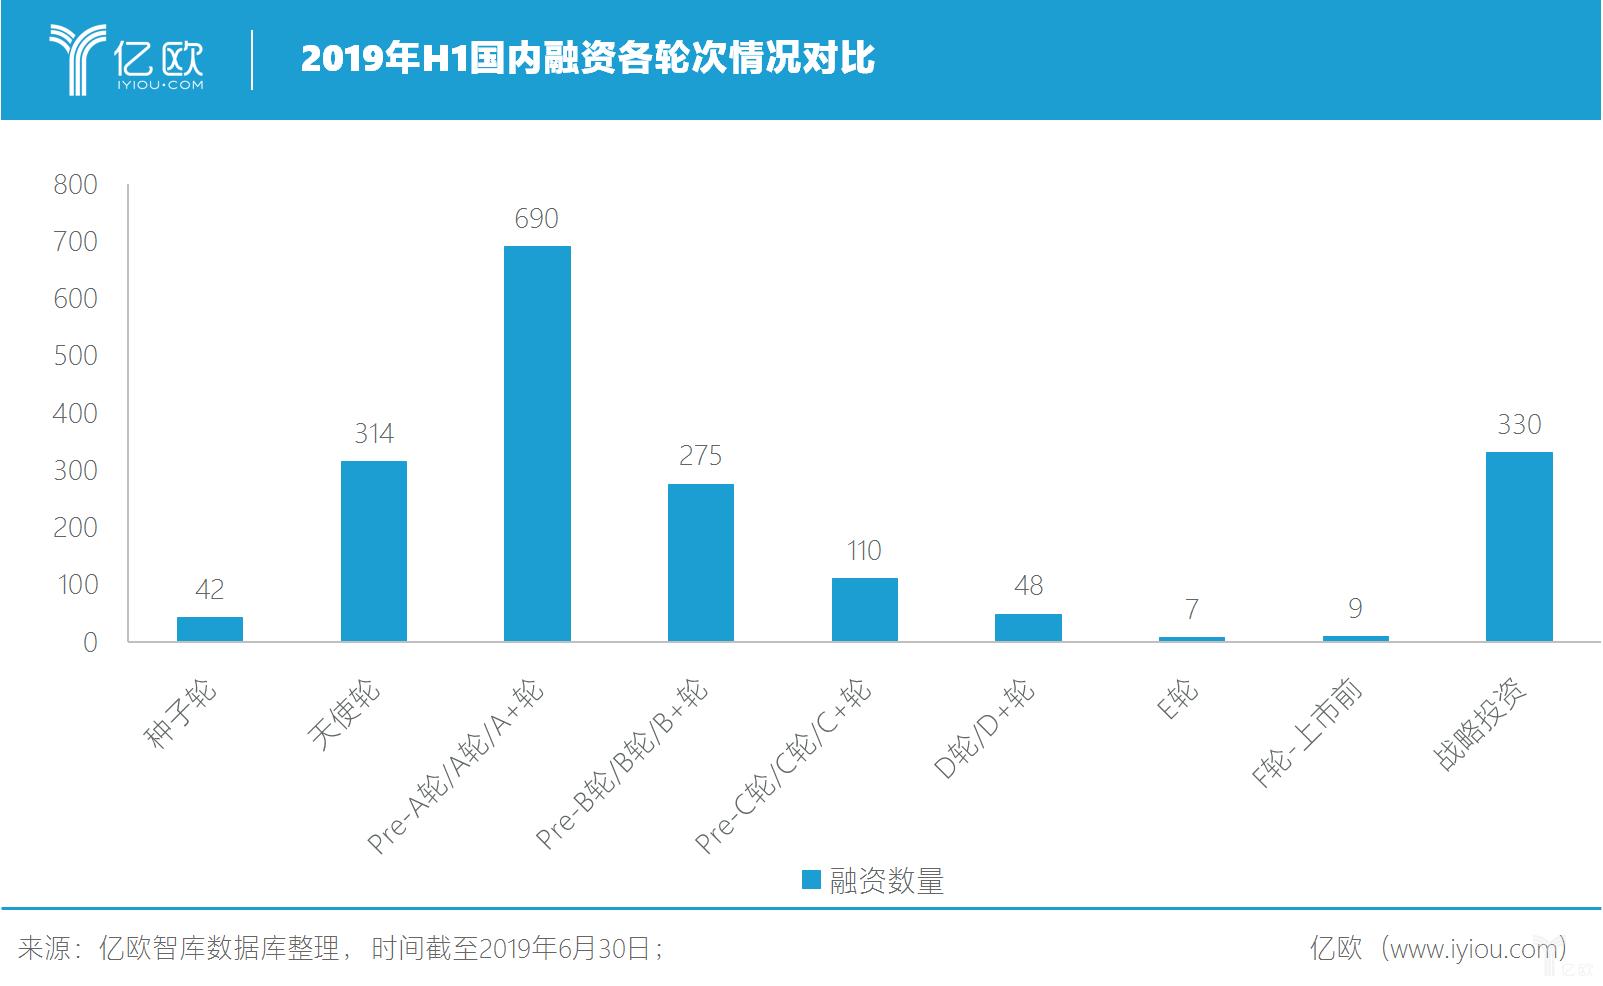 2019年H1国内融资各轮次情况对比